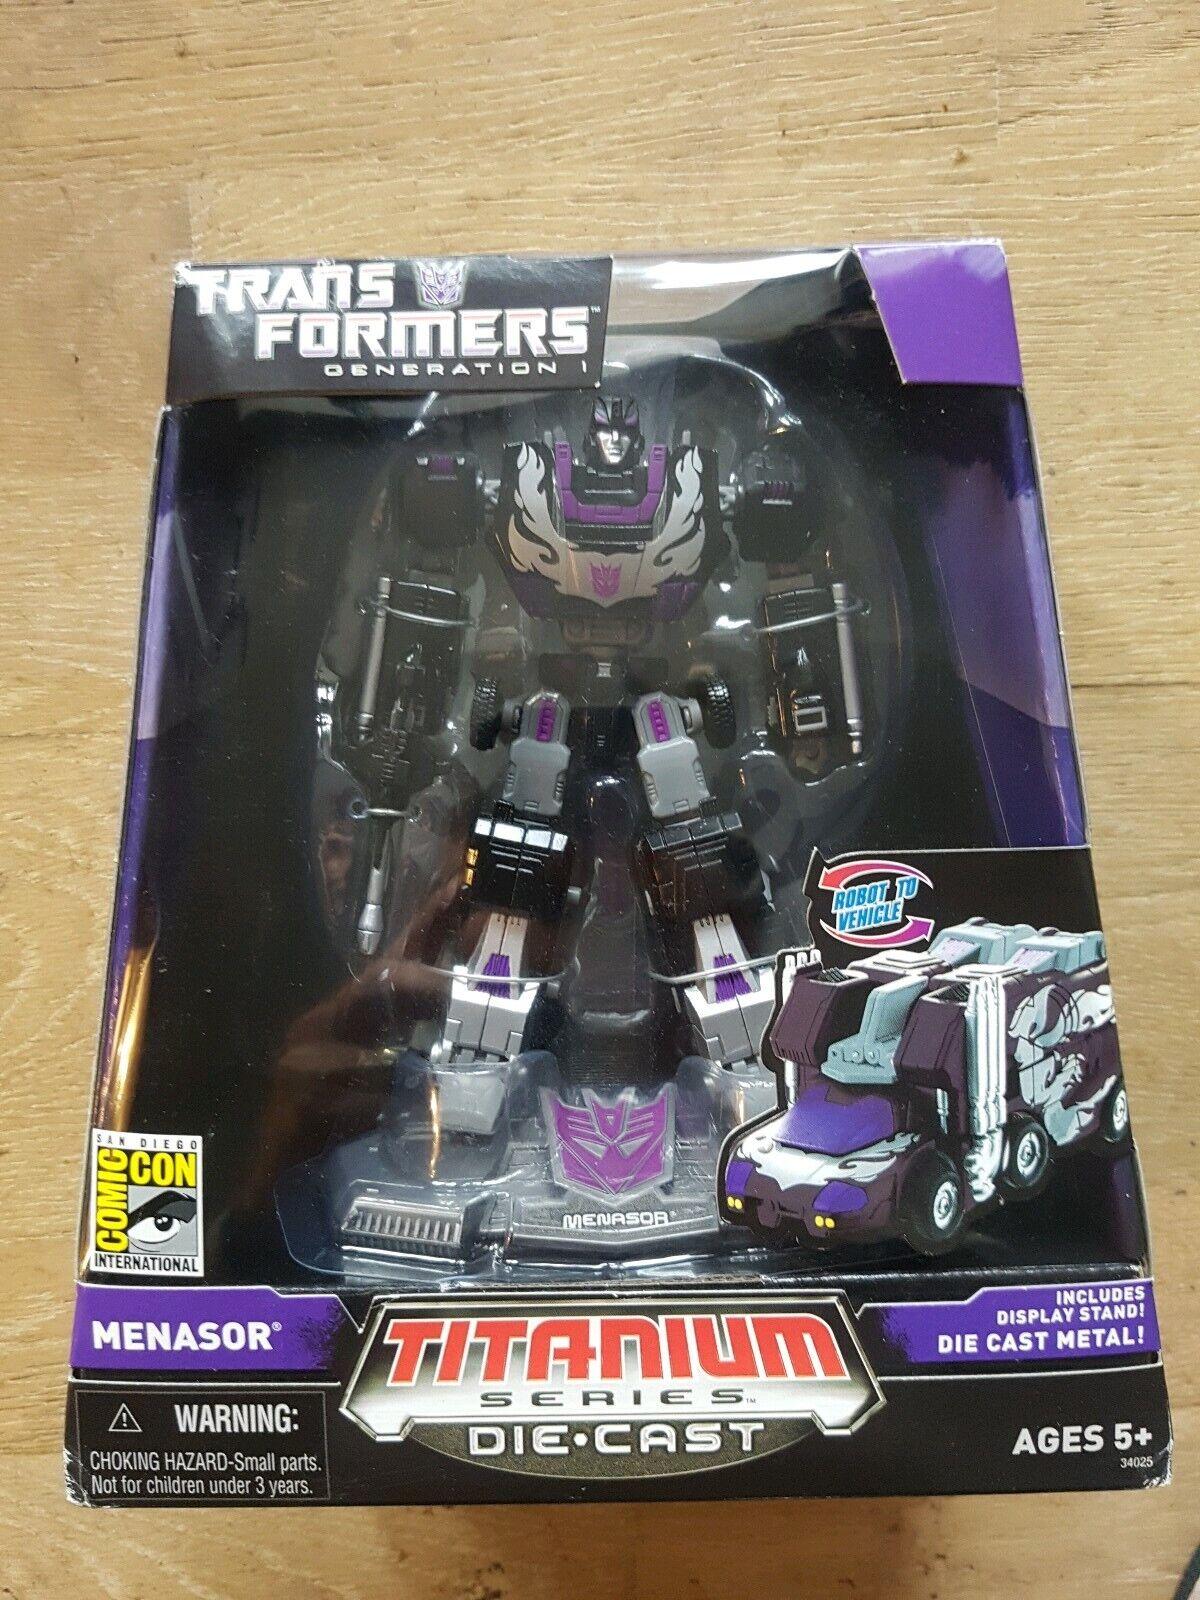 Transformers TITANIUM collezione essiasor SDCC 100% COMPLETO EDIZIONE specialeeE